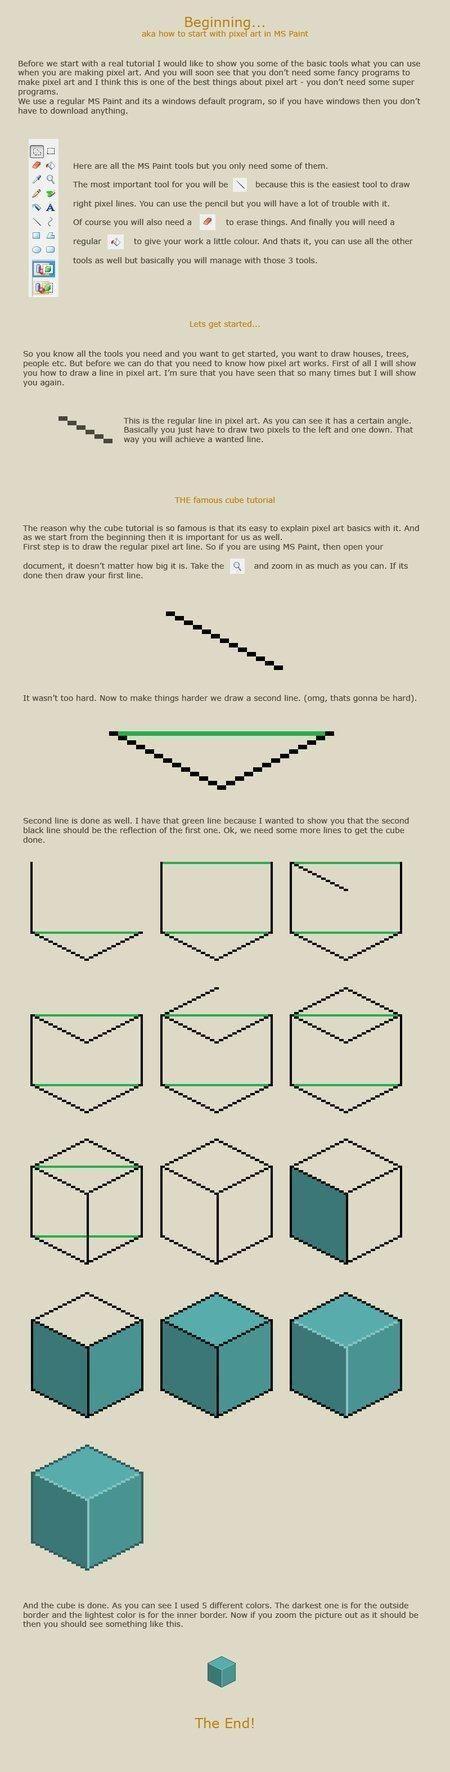 Pixel Art Tutorial for Beginners